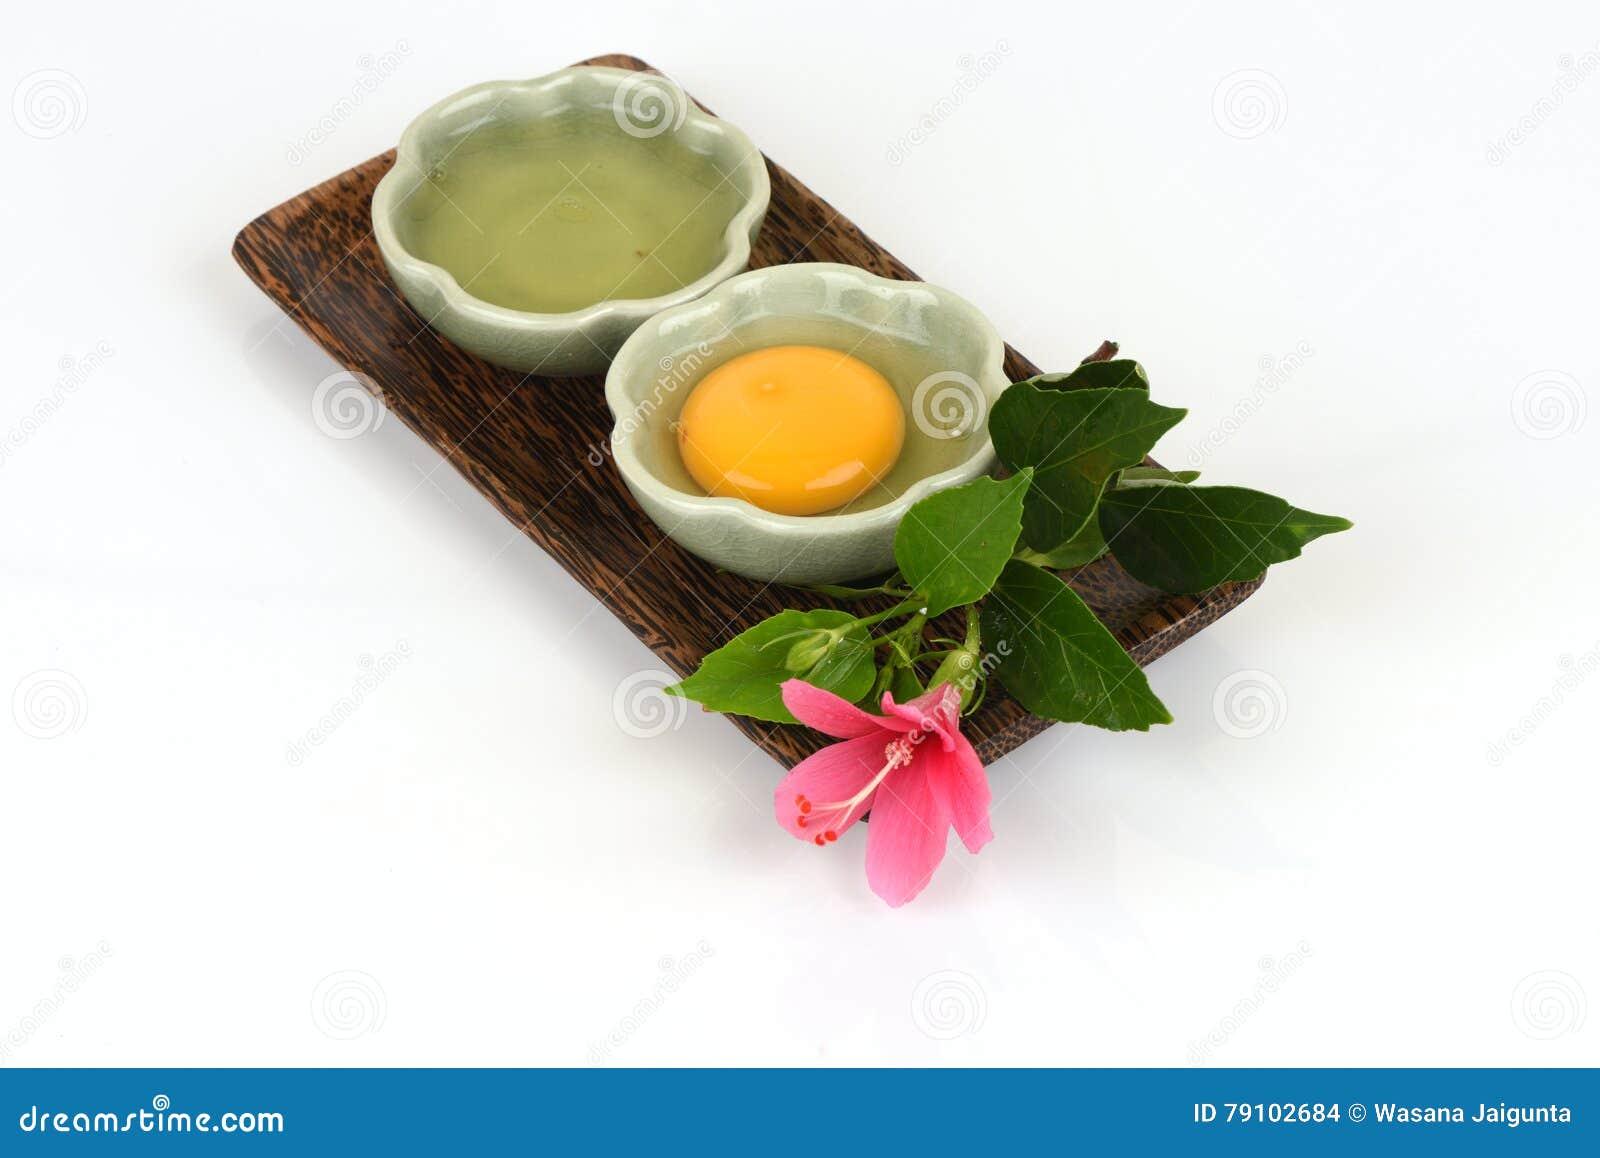 蛋白和卵黄质